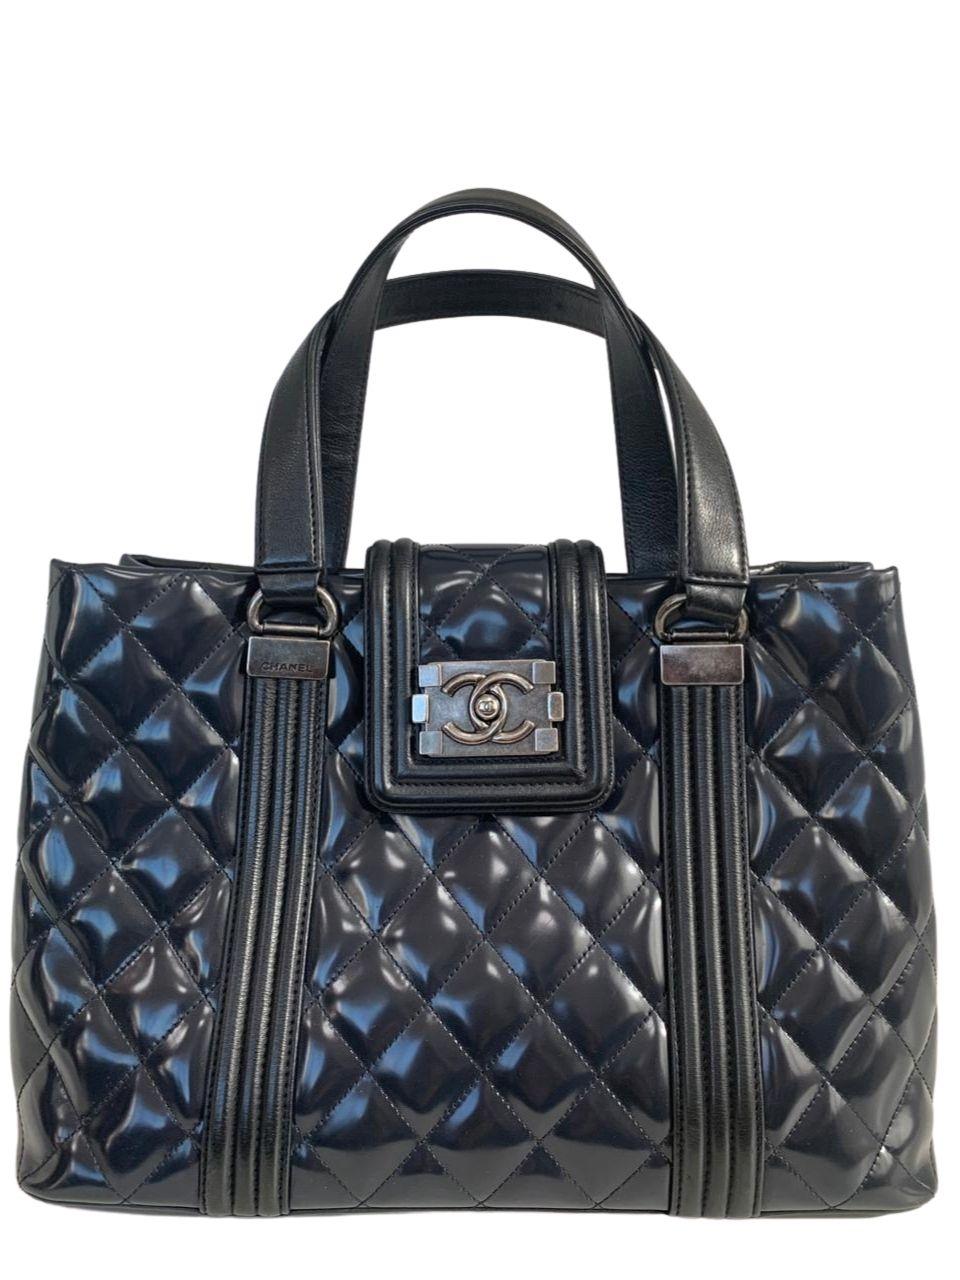 Bolsa Chanel Matelassê